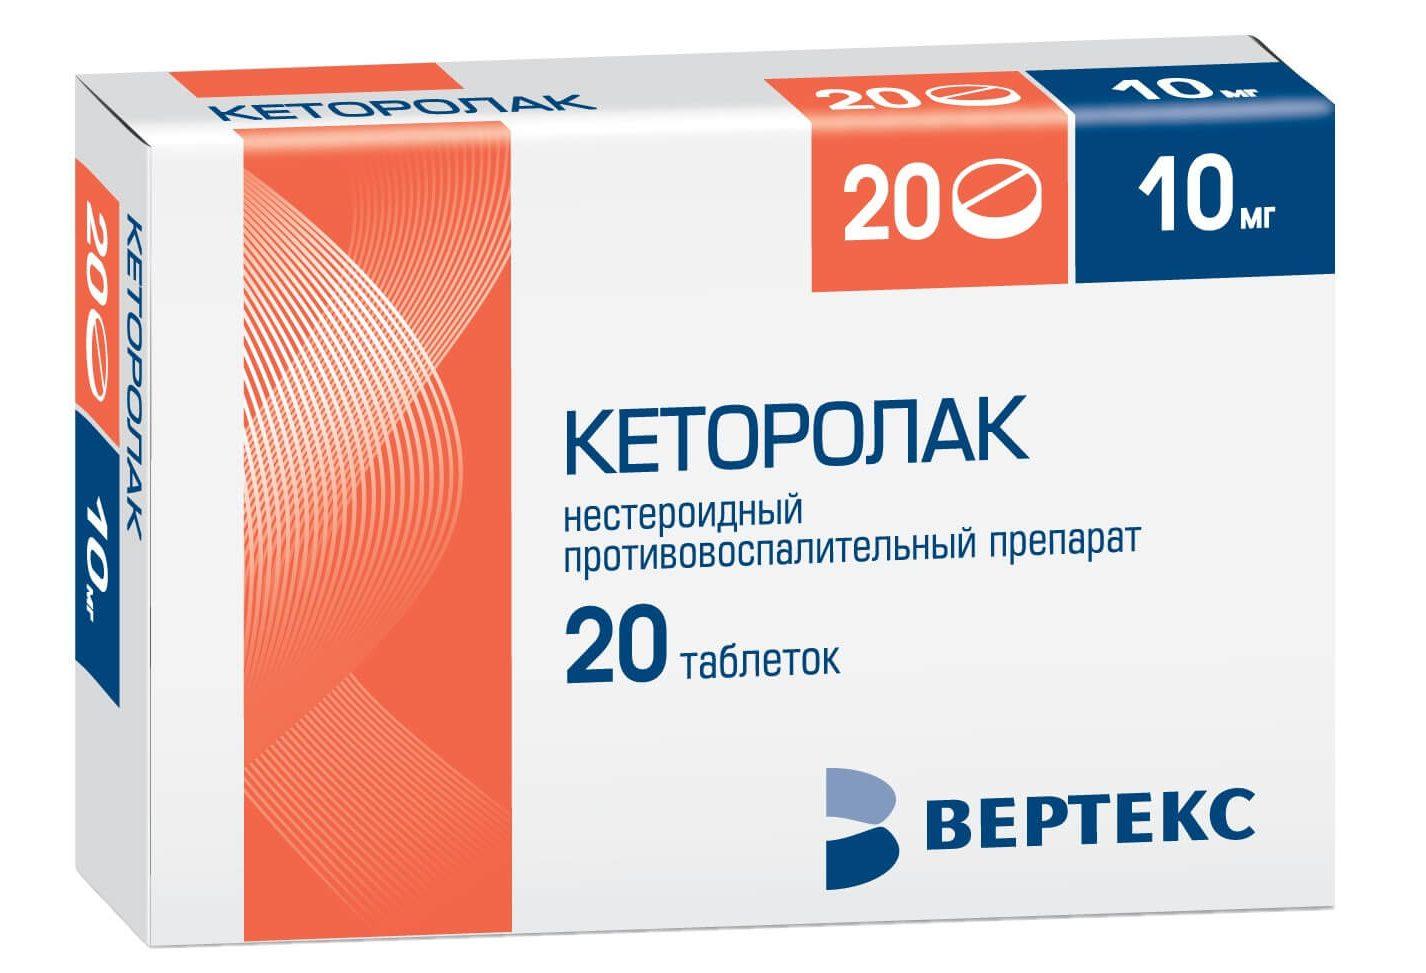 Кеторолак: инструкция по применению раствора и таблеток